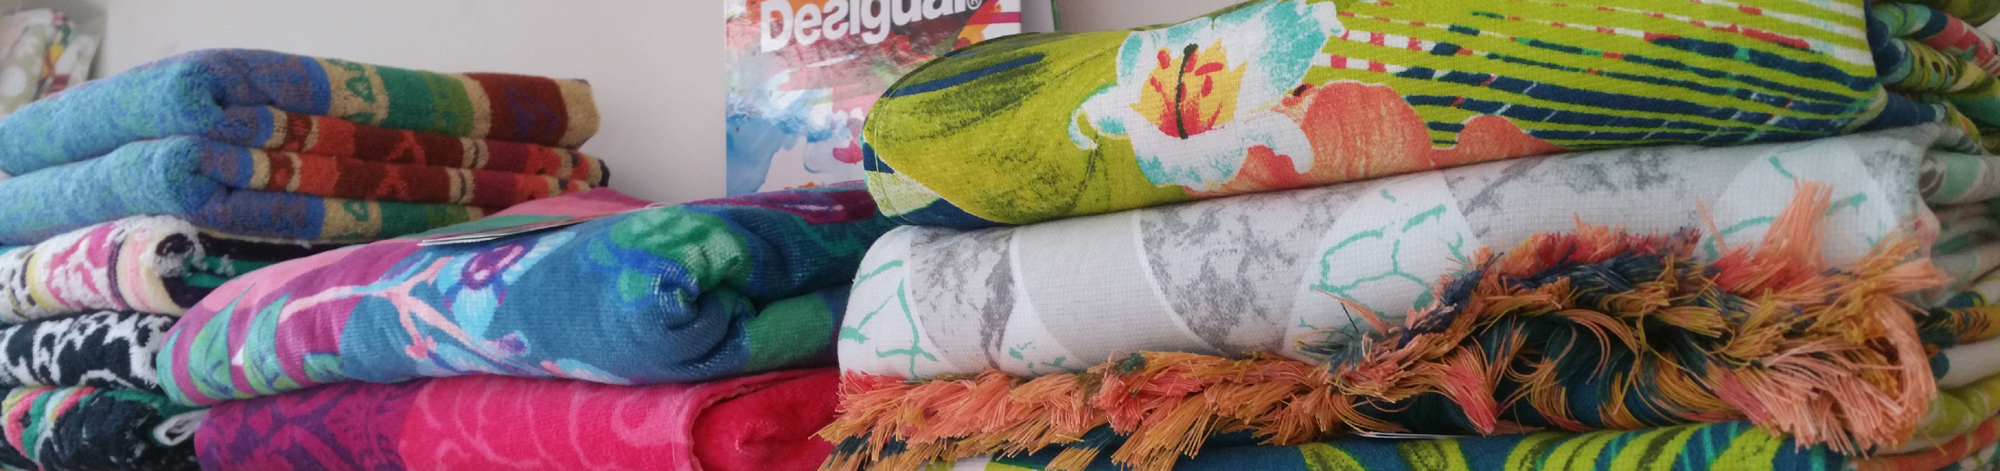 desigual-negozio-atelier-notte-spugna-asciugamani-telo-mare-accappatoio-